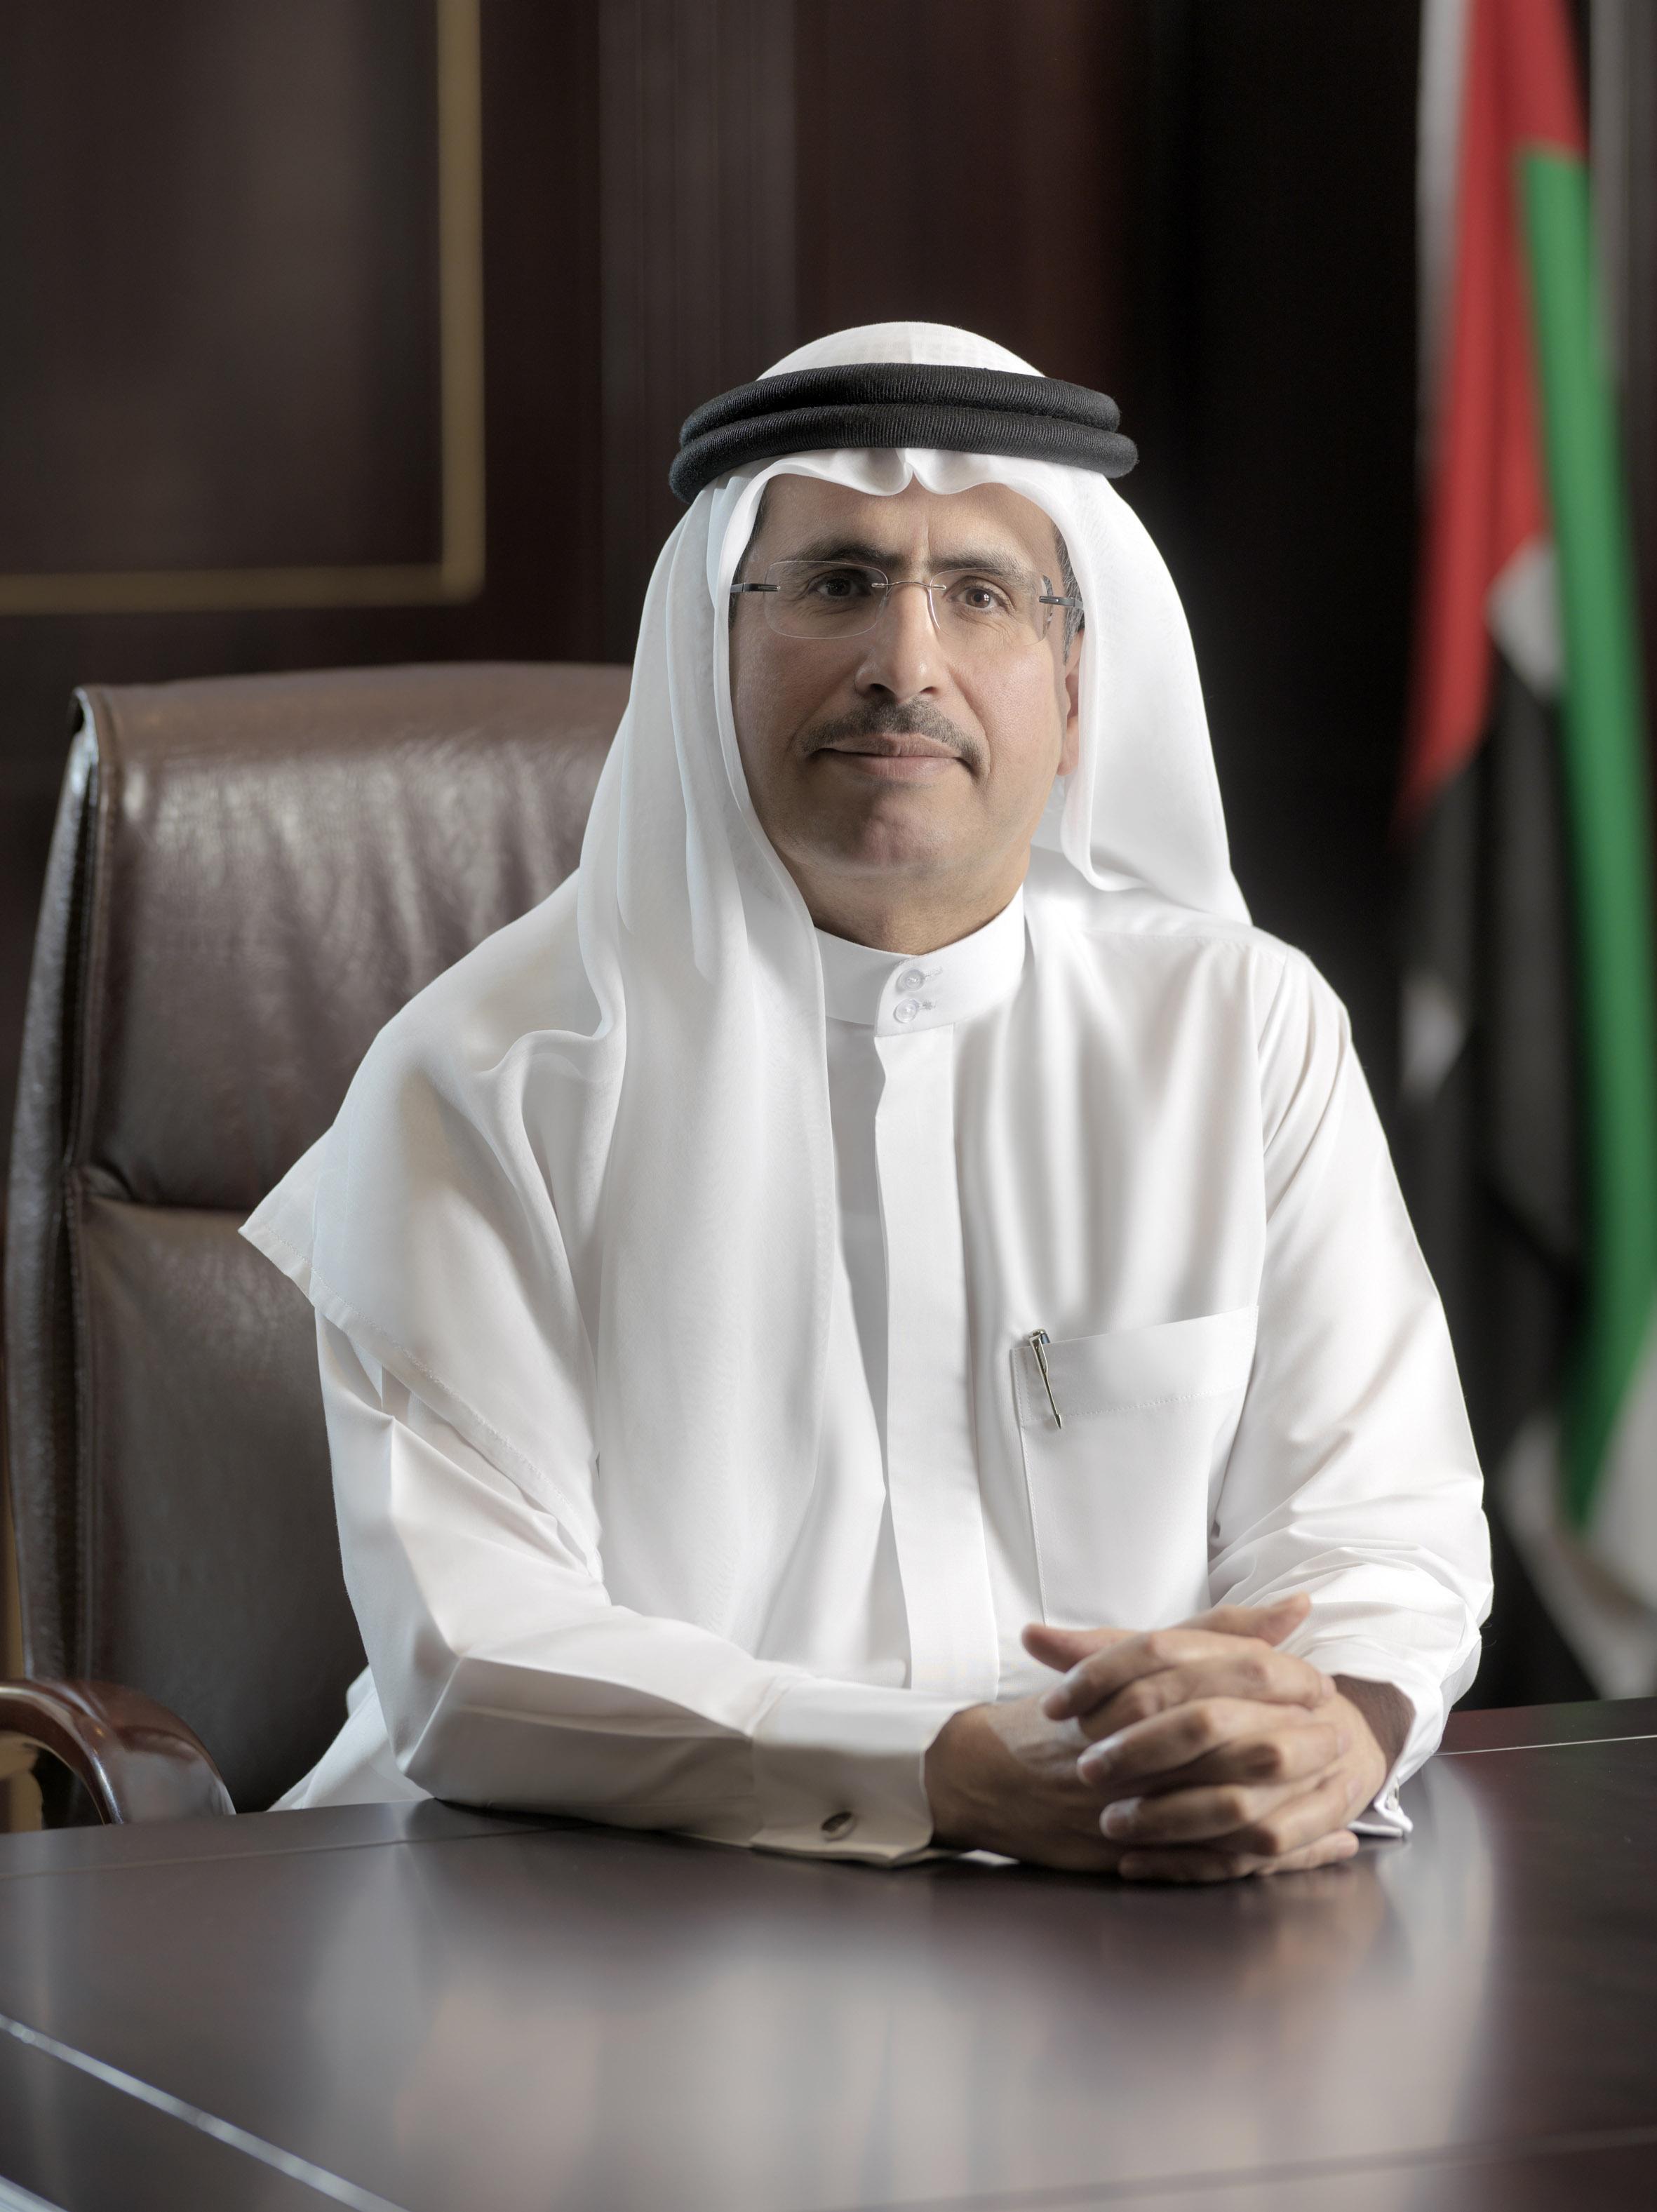 هيئة كهرباء ومياه دبي تطلق الدفعة الخامسة من برنامج إعداد القادة الطلائع